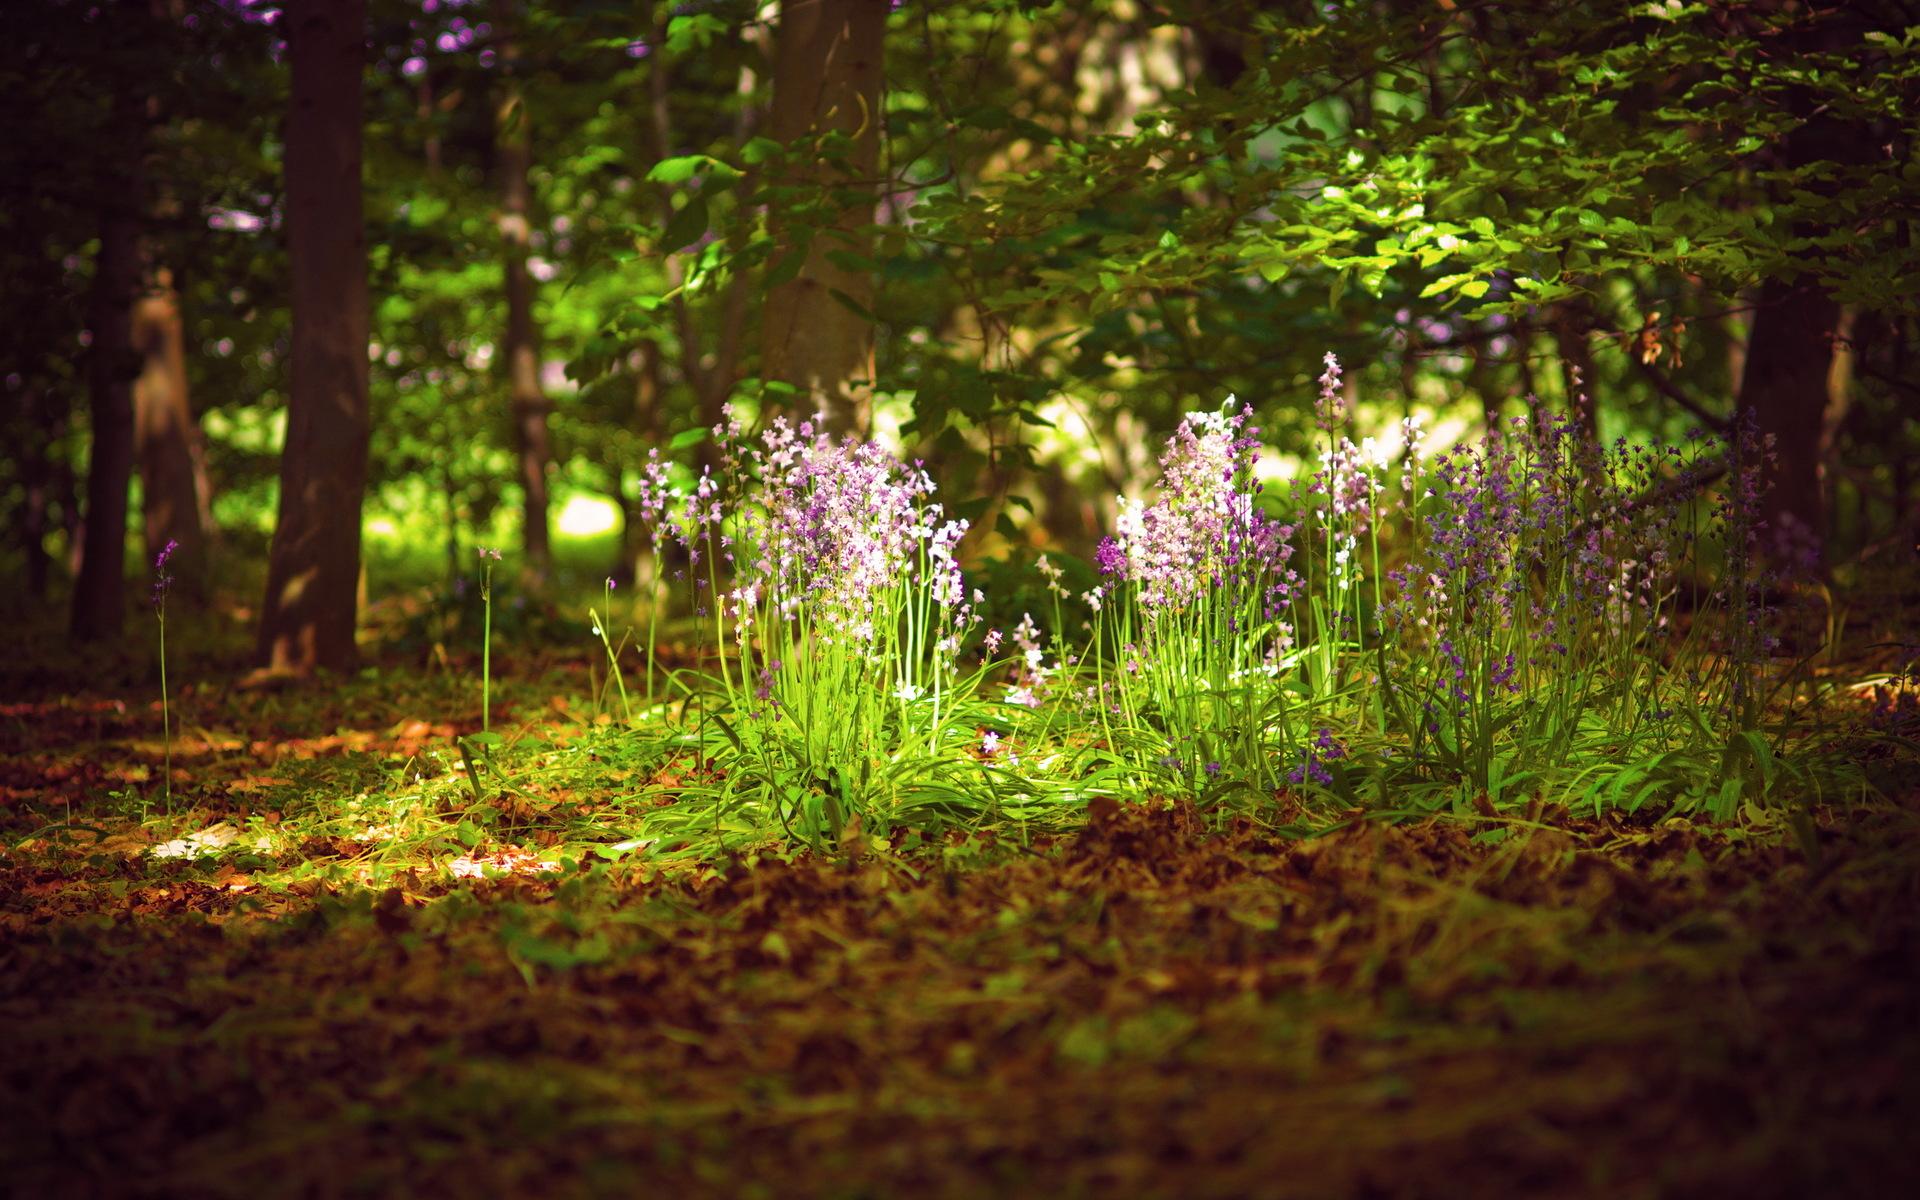 Earth - Forest  Flower Nature Landscape Summer Spring Wallpaper